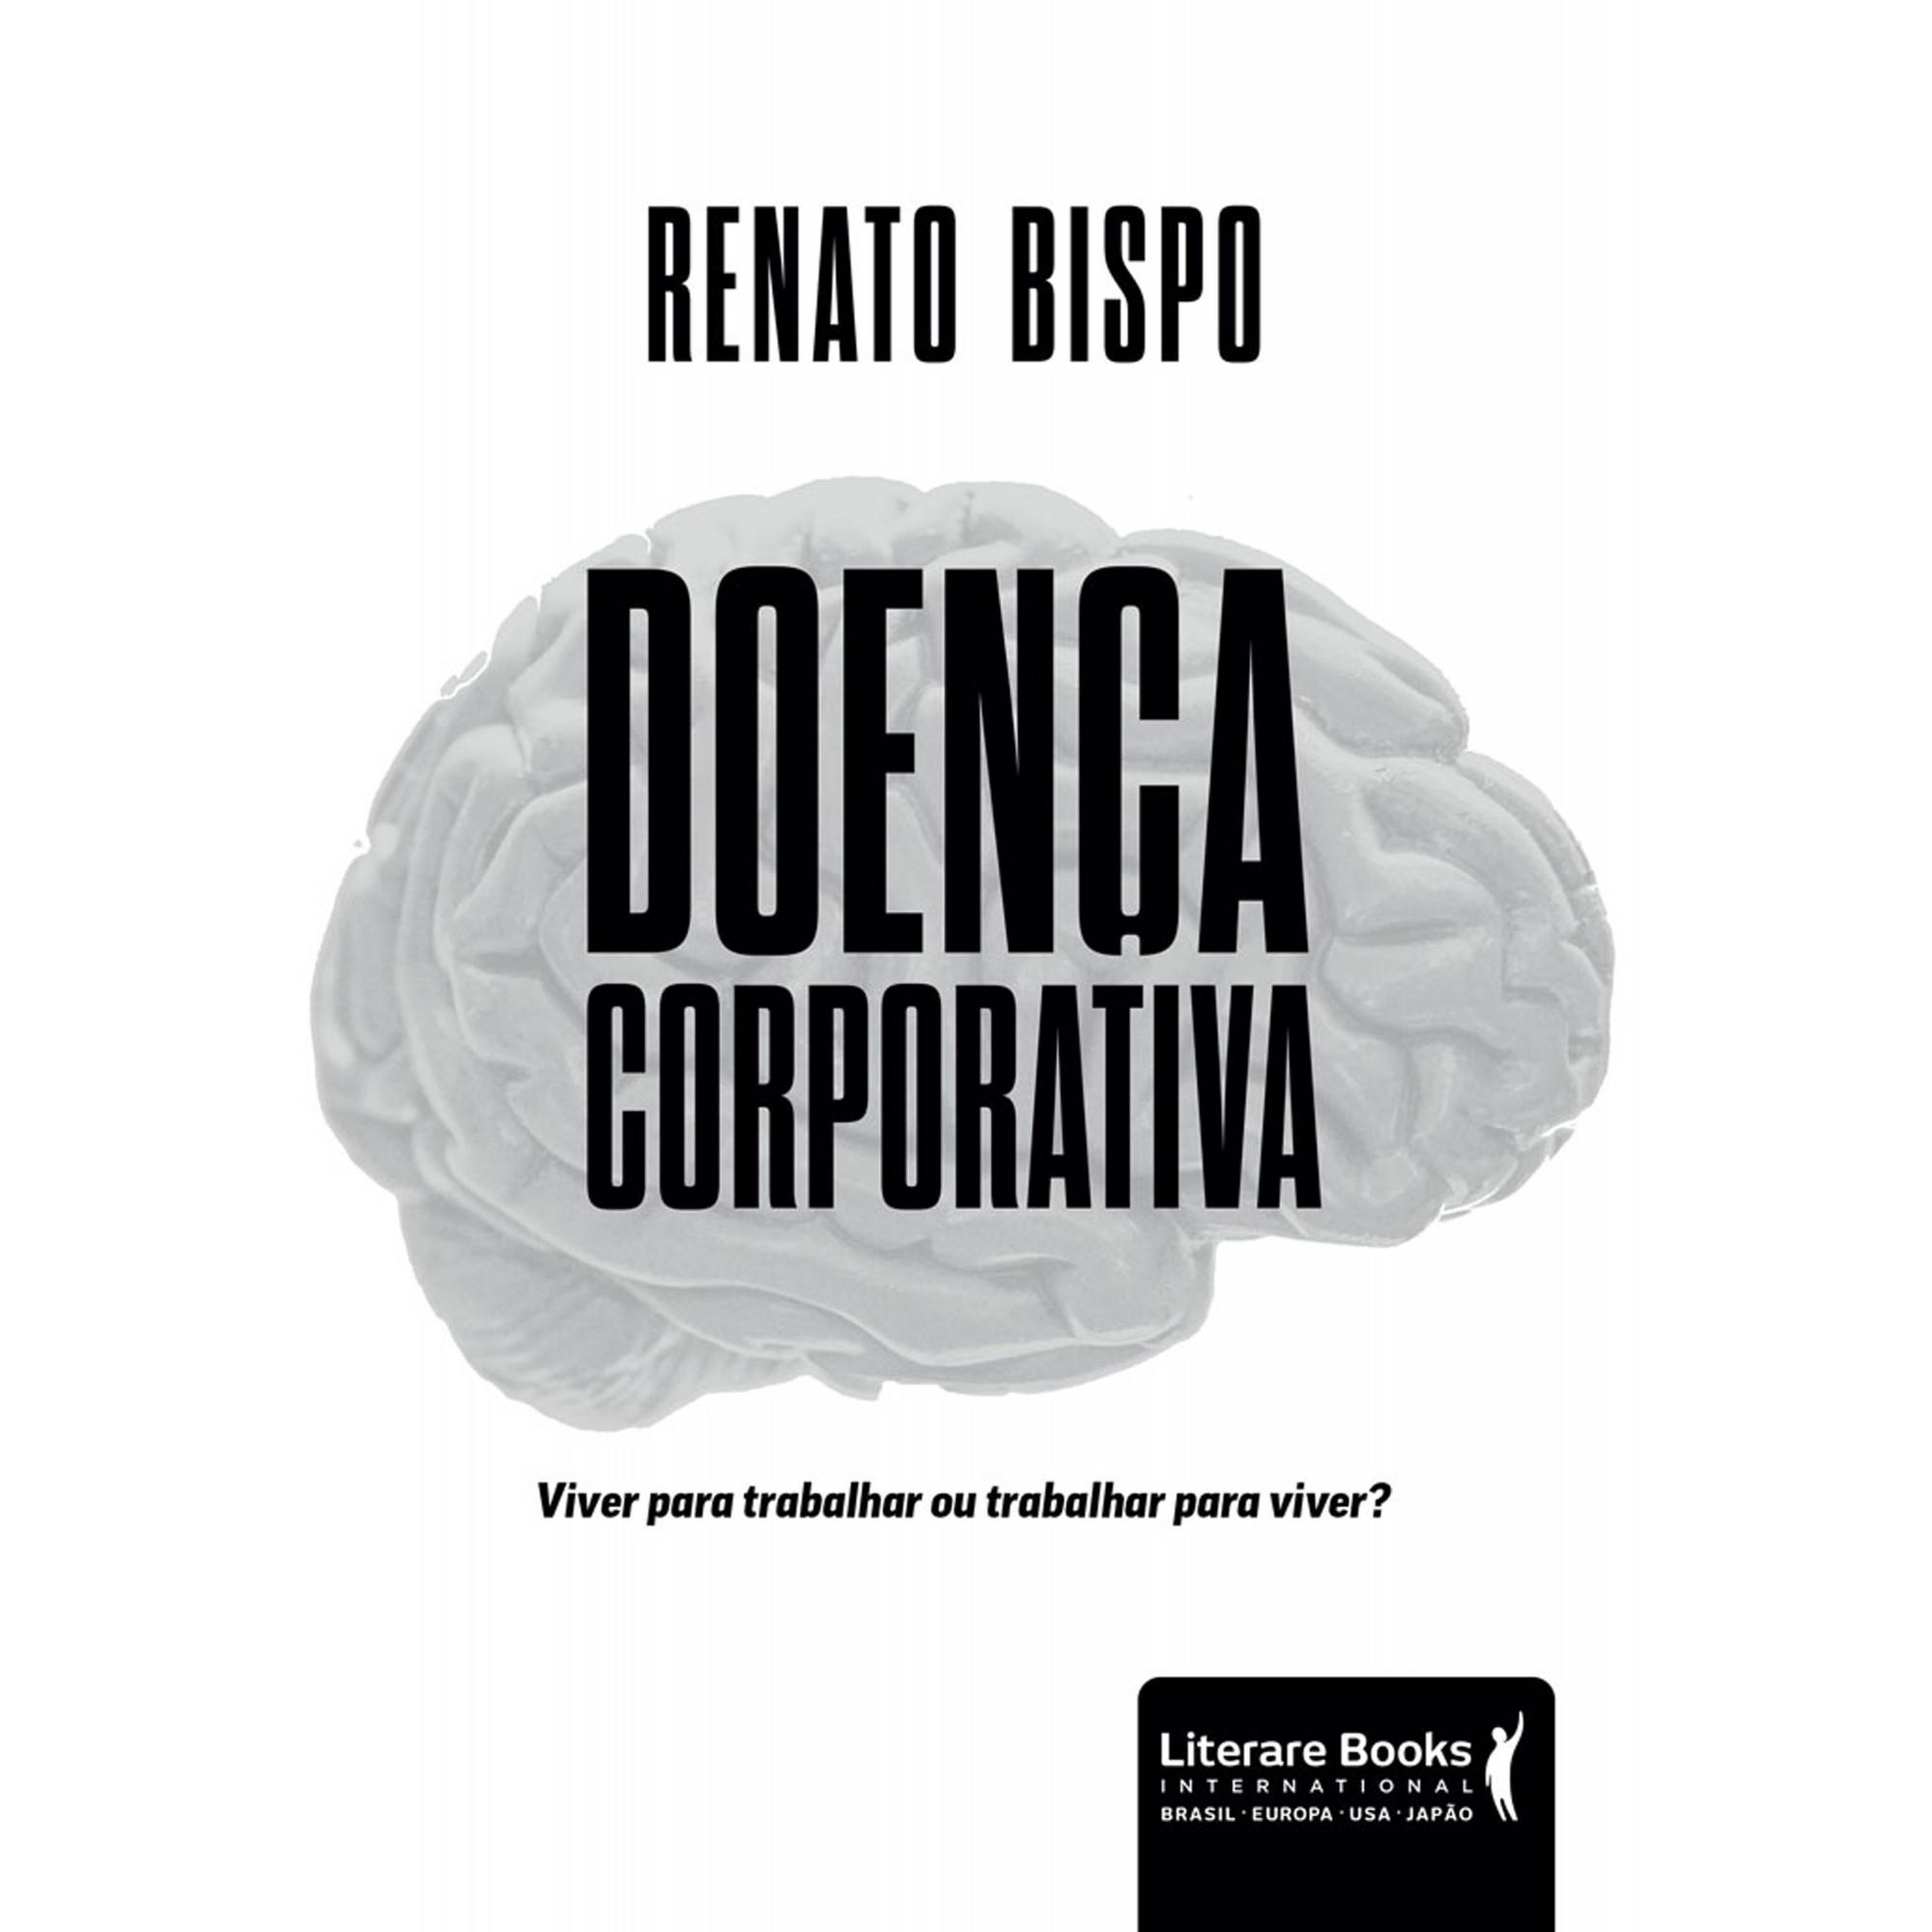 Doença corporativa - viver para trabalhar ou trabalhar para viver?